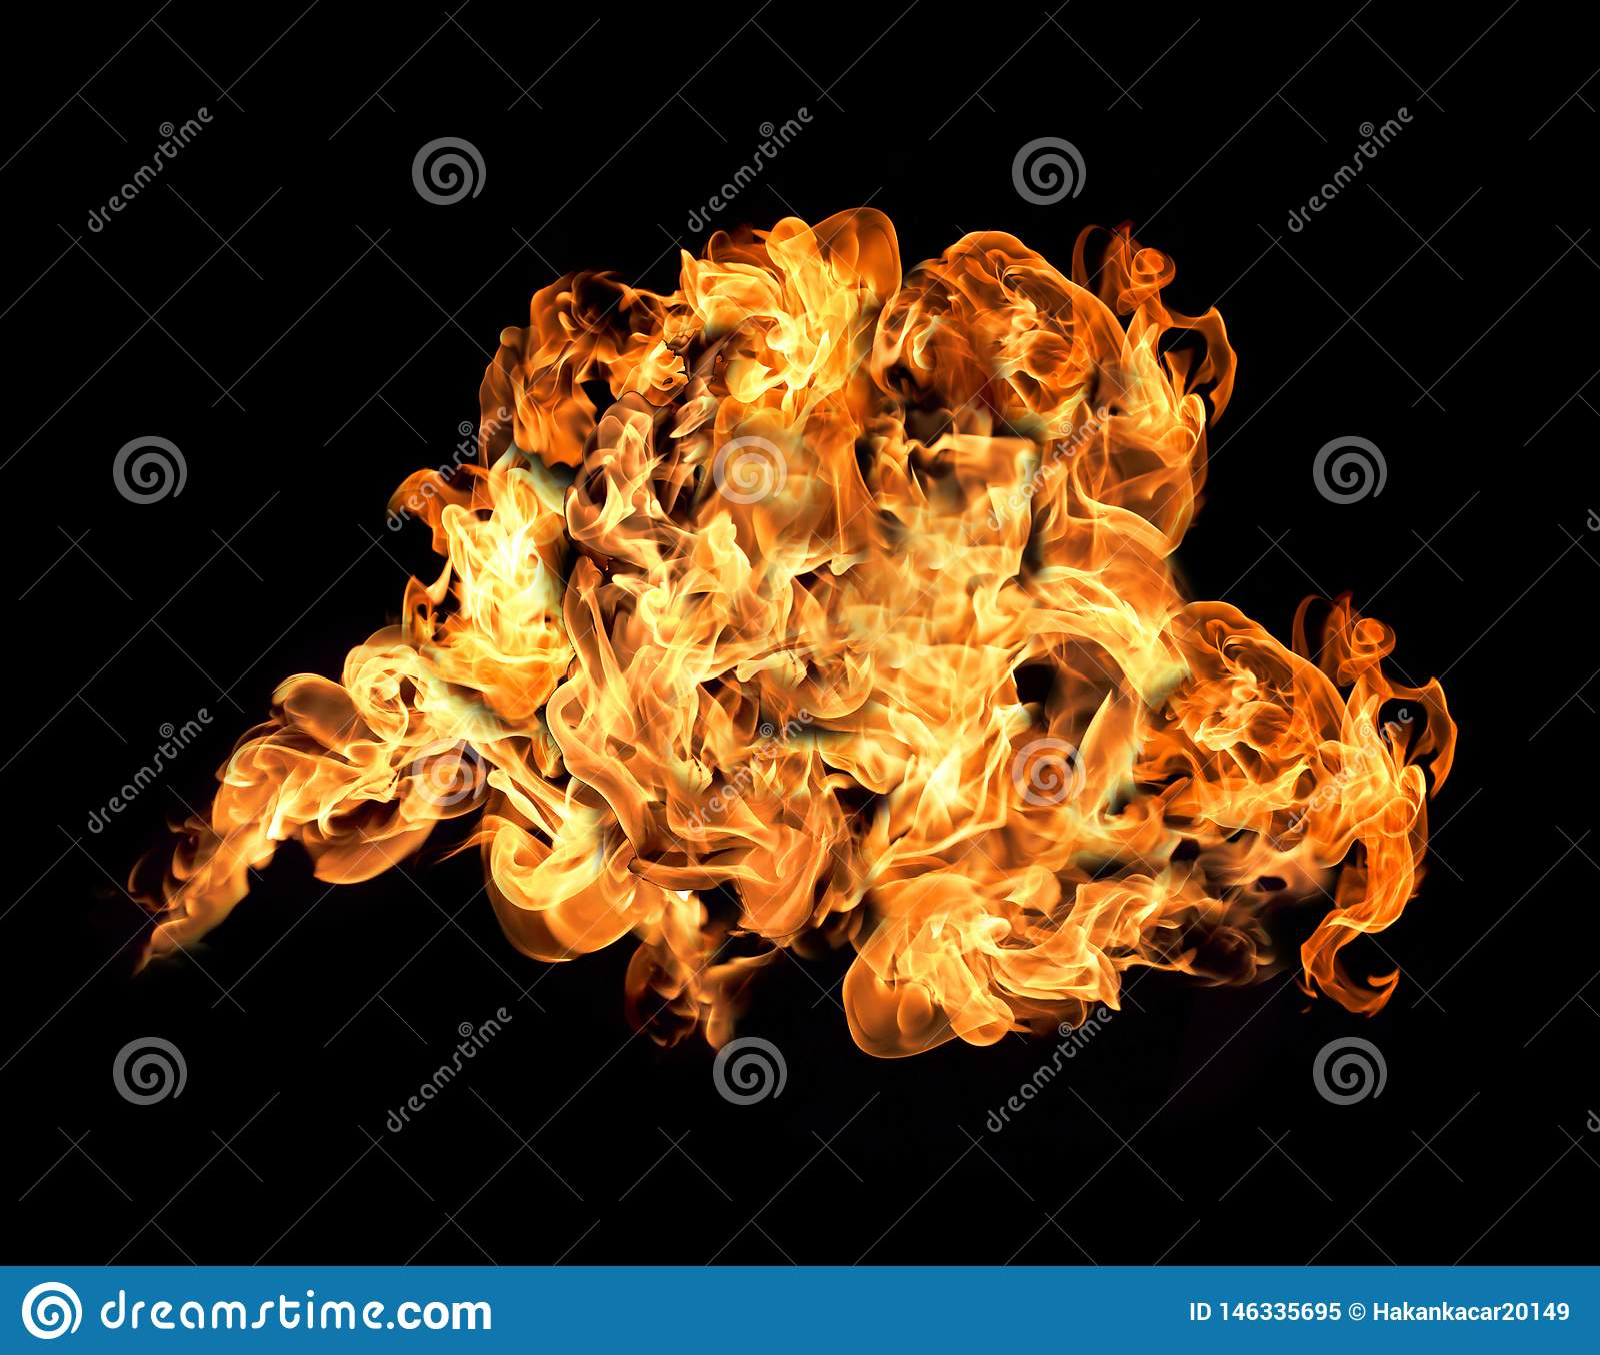 Πυρκαγιά και φλόγες με ένα σκοτάδι καψίματος - κόκκινο - πορτοκαλί υπόβαθρο Πυρκαγιά και φλόγες